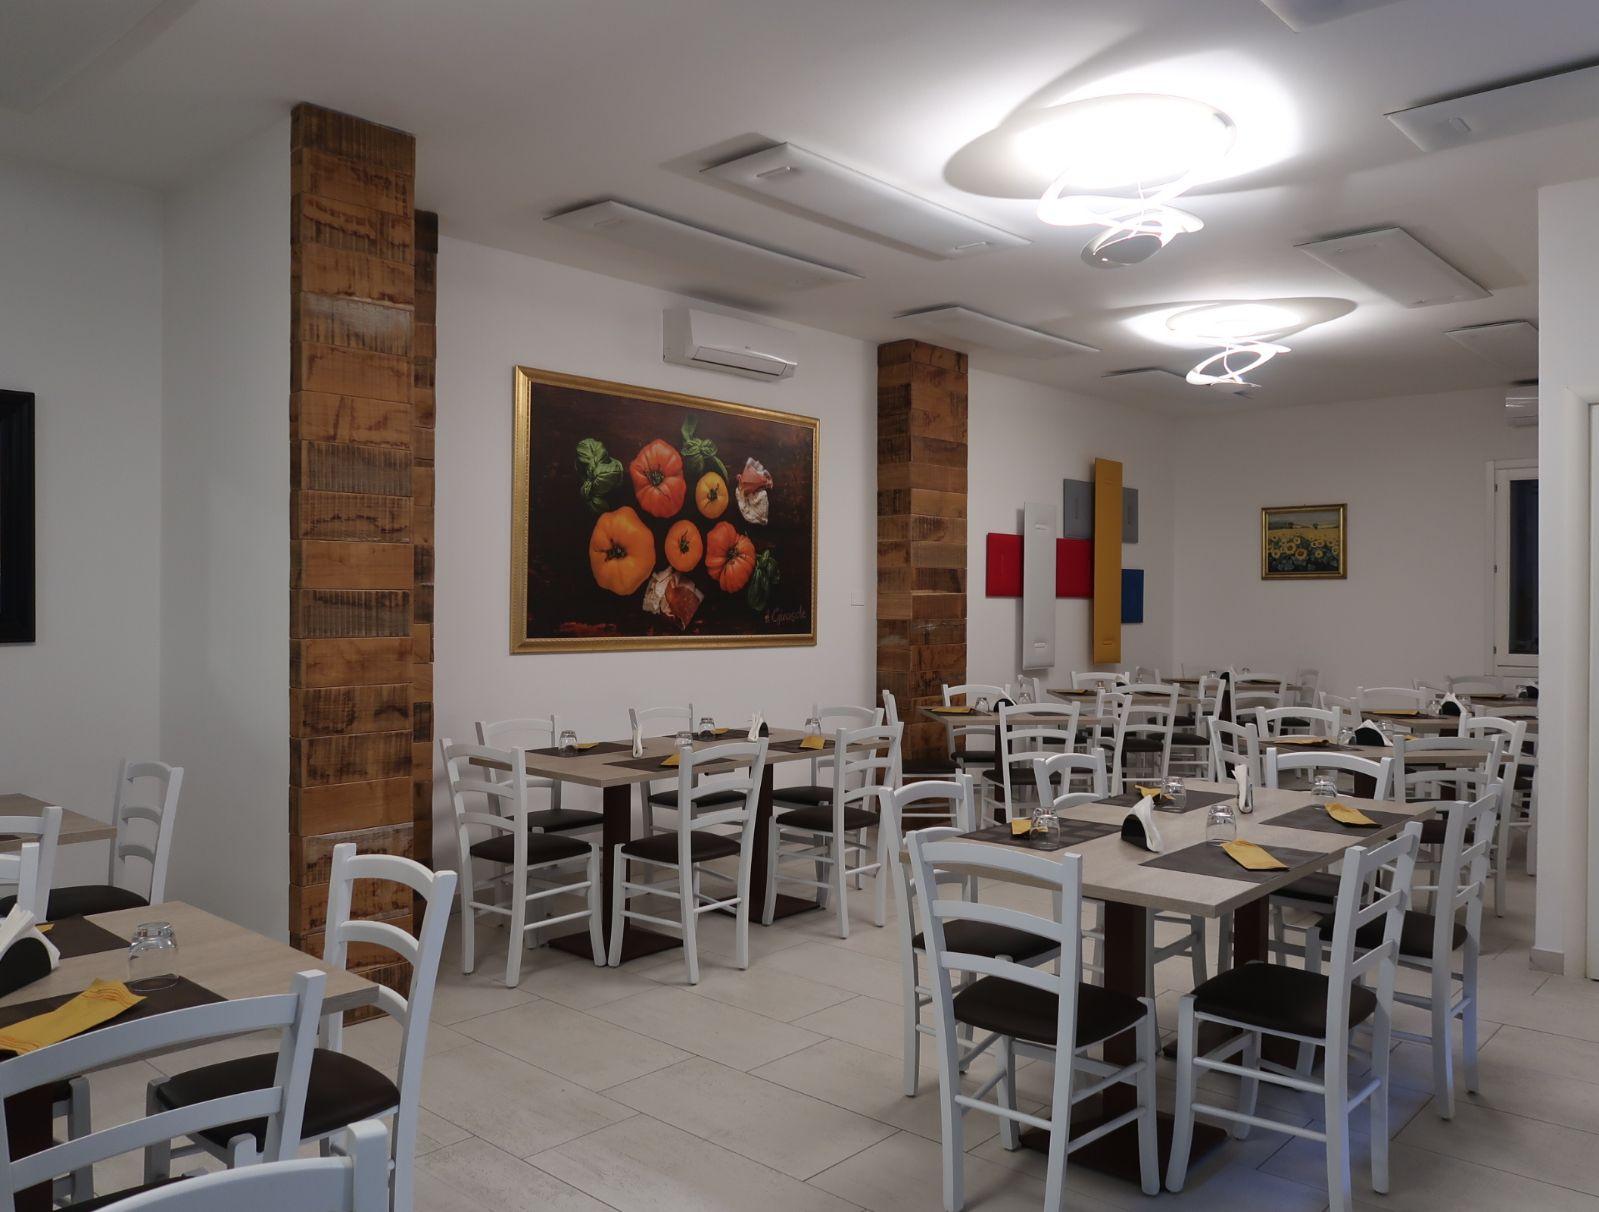 Pizzeria girasole pizza al metro reggio emilia for Subito it reggio emilia arredamento